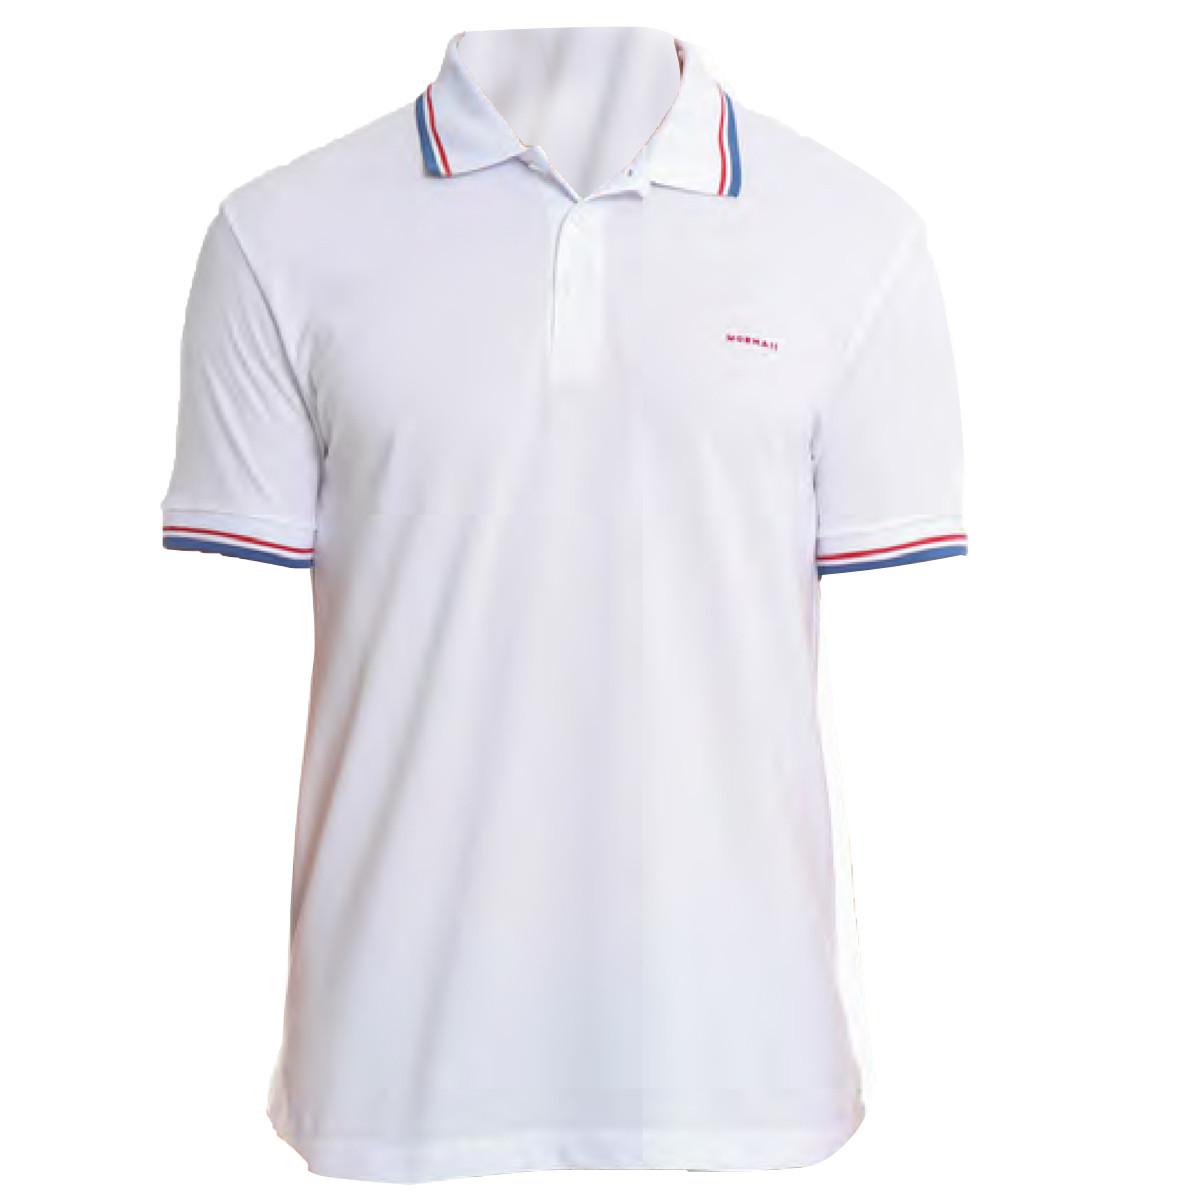 cc8d3cee10 Camisa Polo Mormaii Branca com LIstra Azul ref 255900076-0001